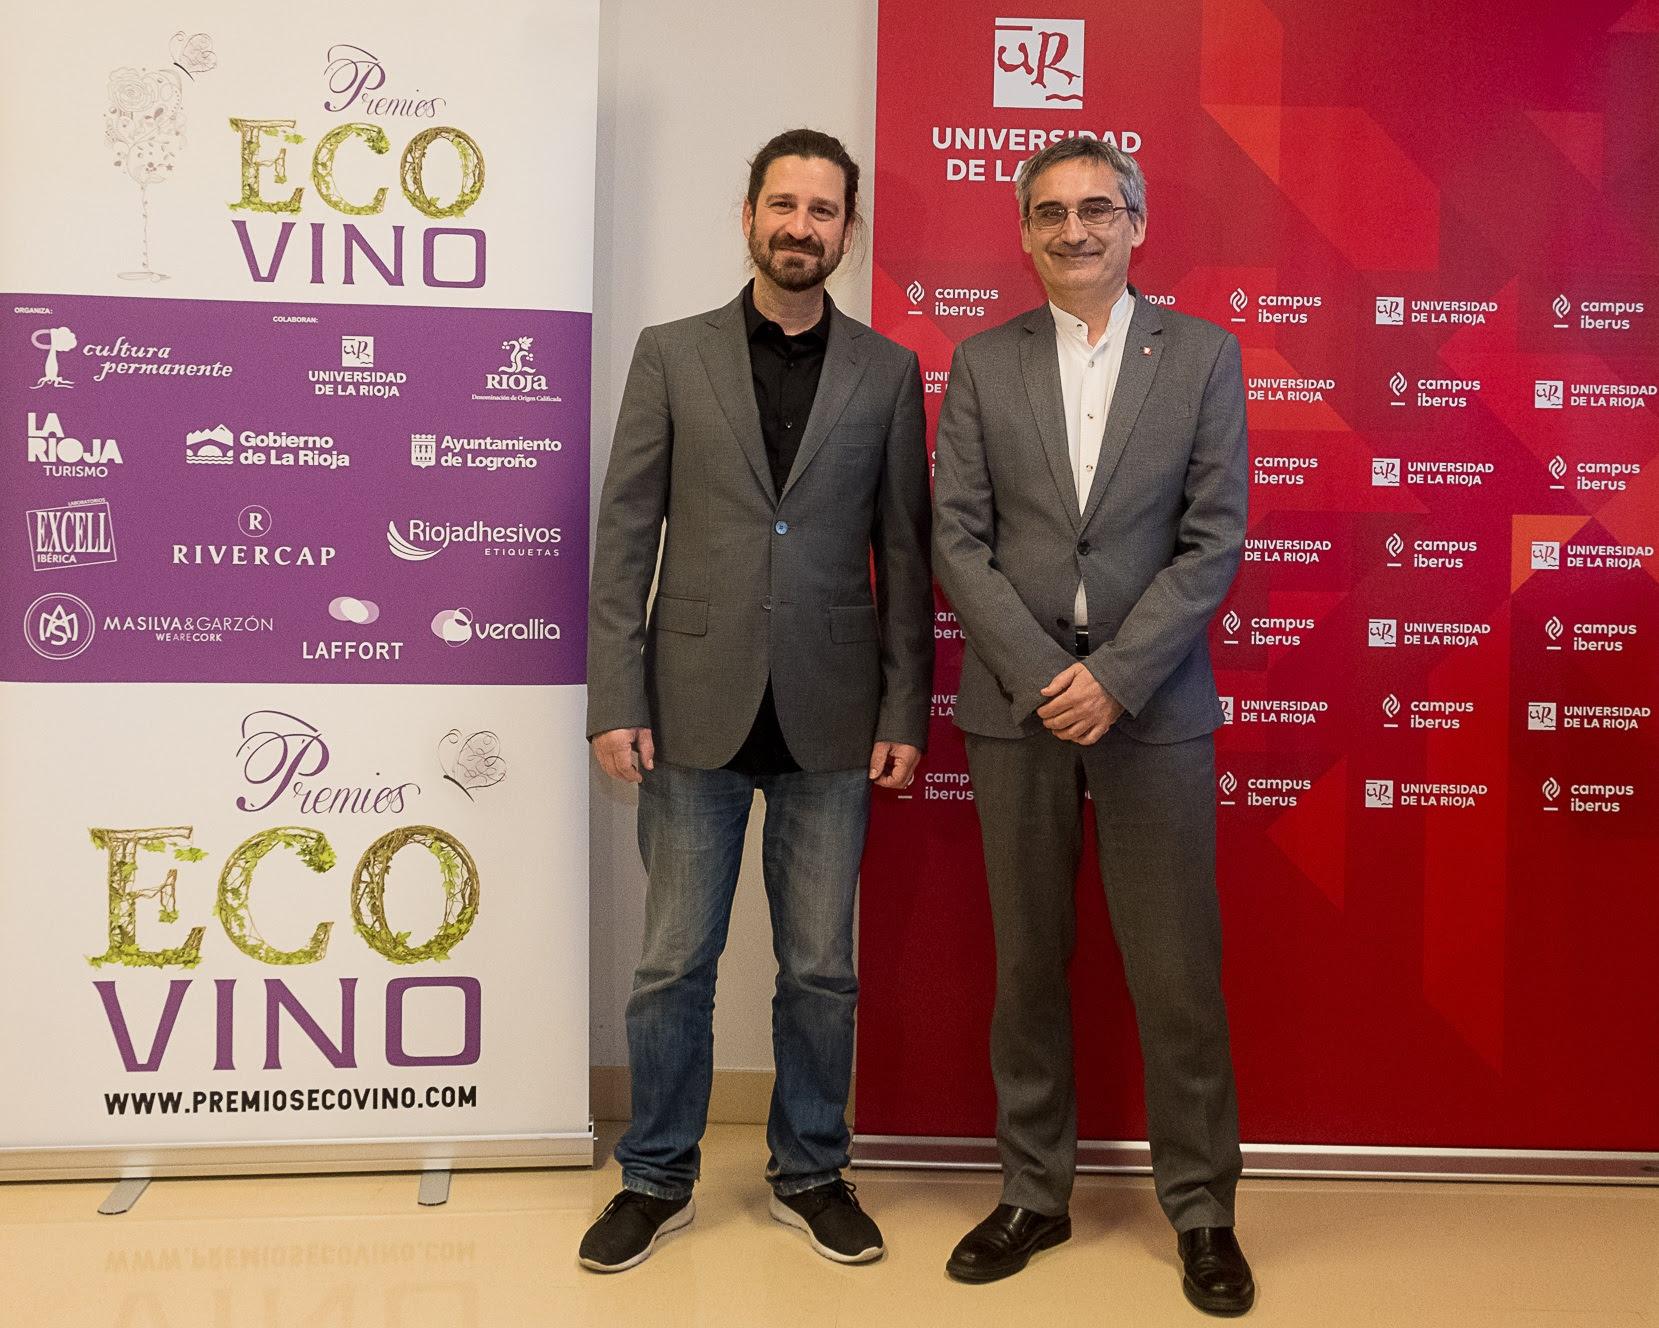 Iñigo Crespo (secretario general de Premios Ecovino) y Julio Rubio (rector de la Universidad de La Rioja)